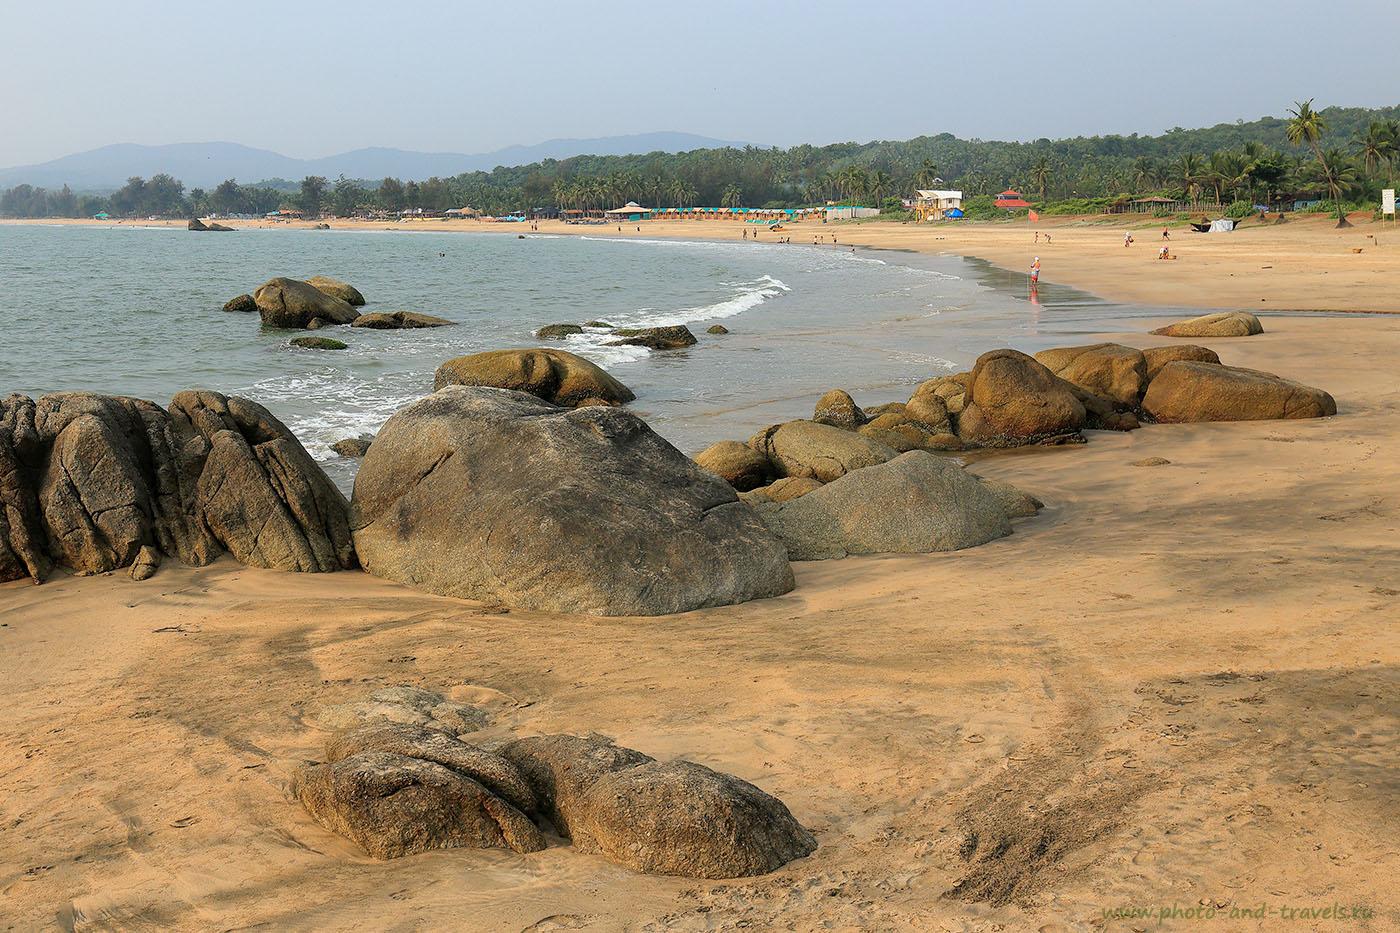 Фото 3. Вид с южного мыса пляж Агонда. Где отдыхать в Южном Гоа? Отзывы туристов о поездке в Индию (24-70, 1/640, -1eV, f9, 35mm, ISO 250)